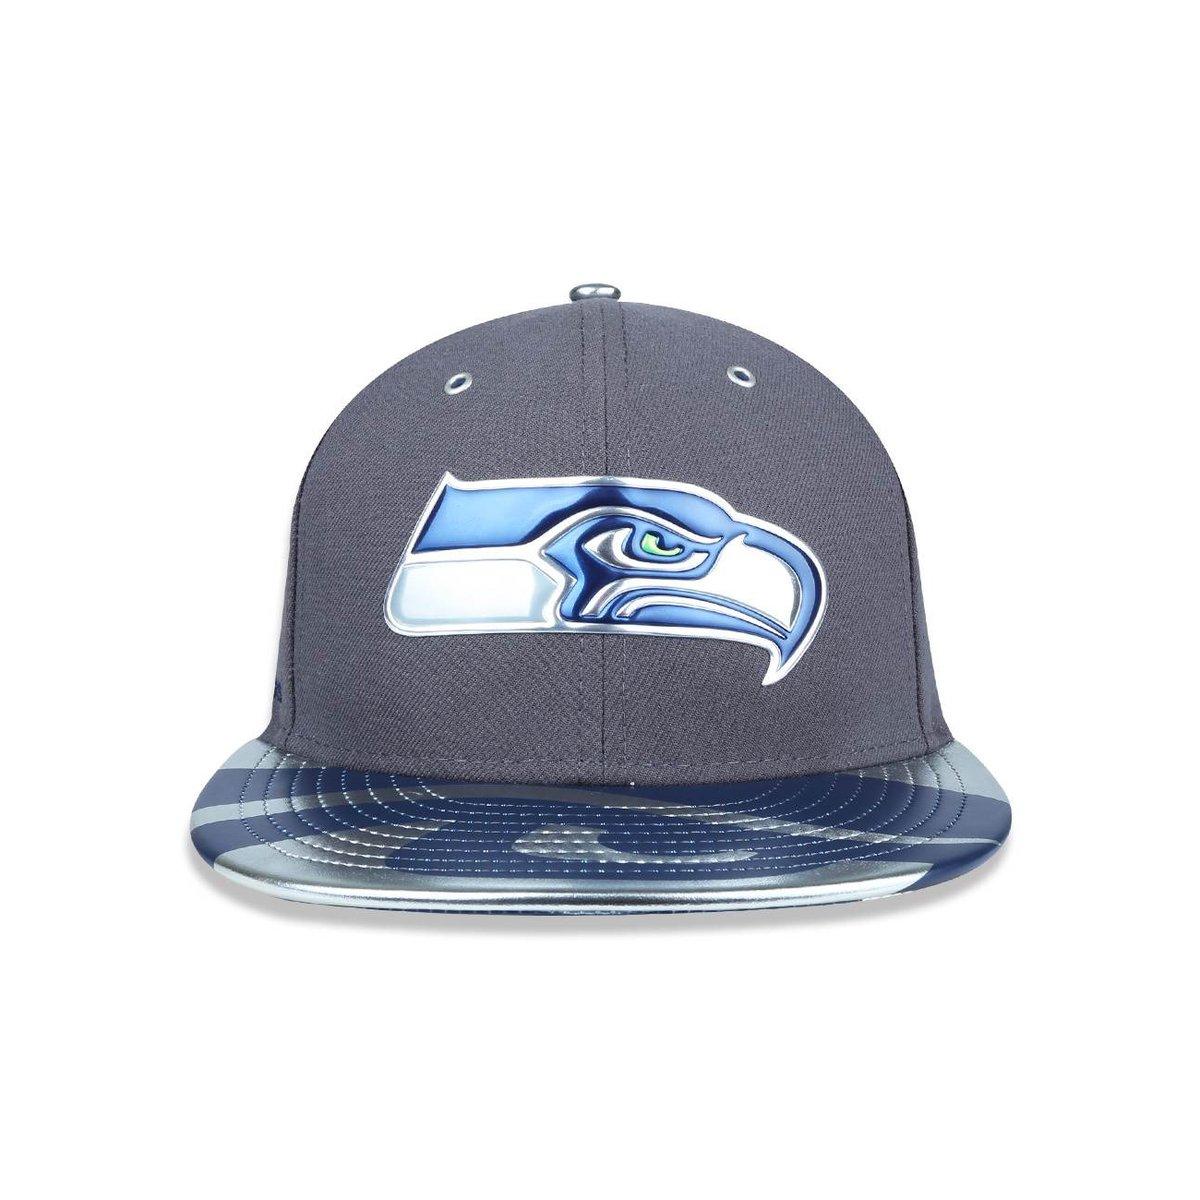 777e6b83dc Boné 5950 Seattle Seahawks NFL Aba Reta New Era - Cinza - Compre ...